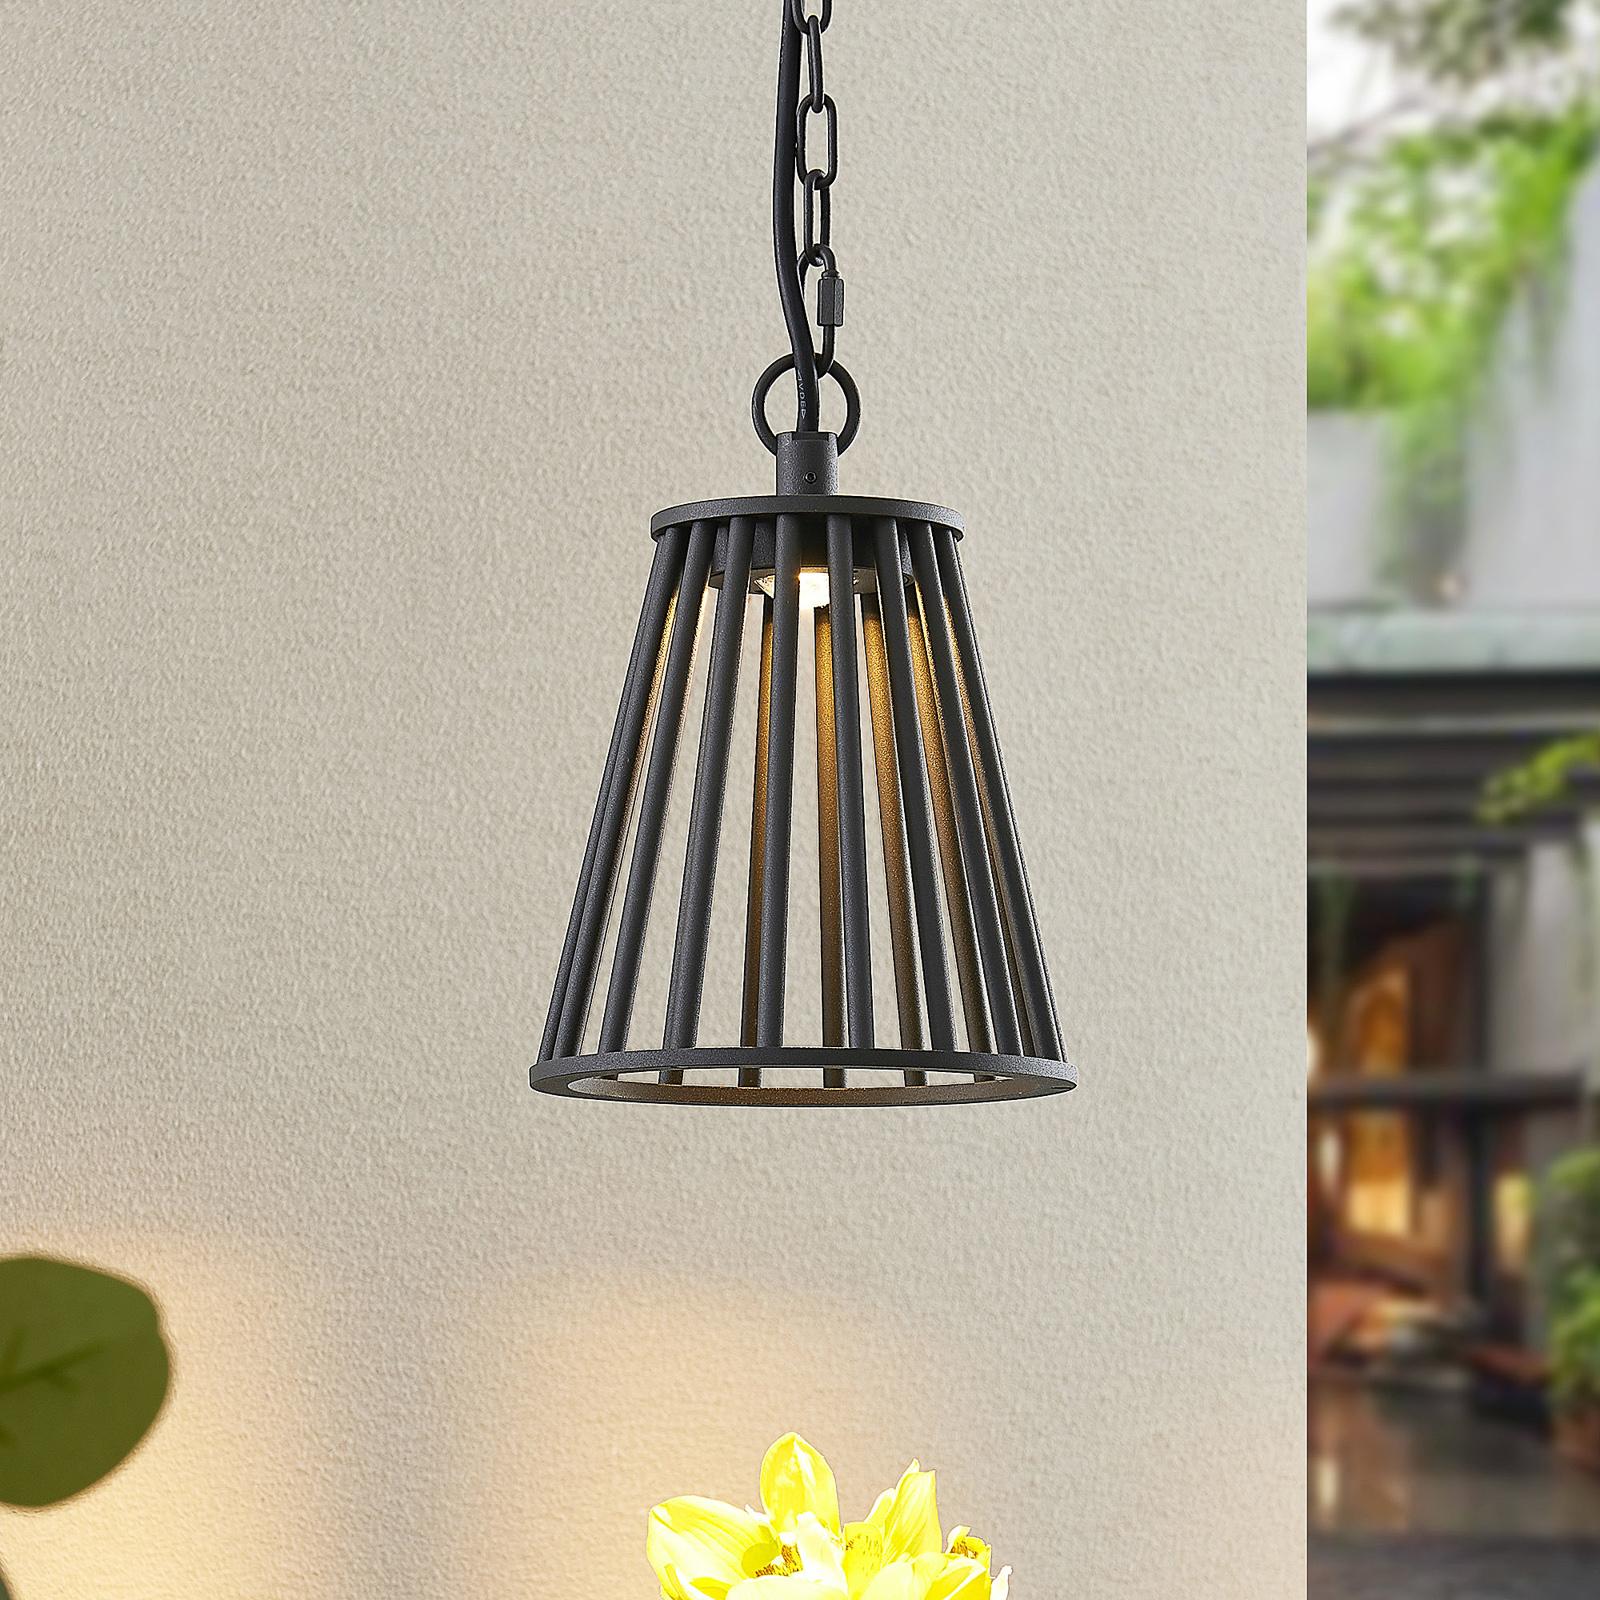 Lucande Miray utendørs LED-taklampe